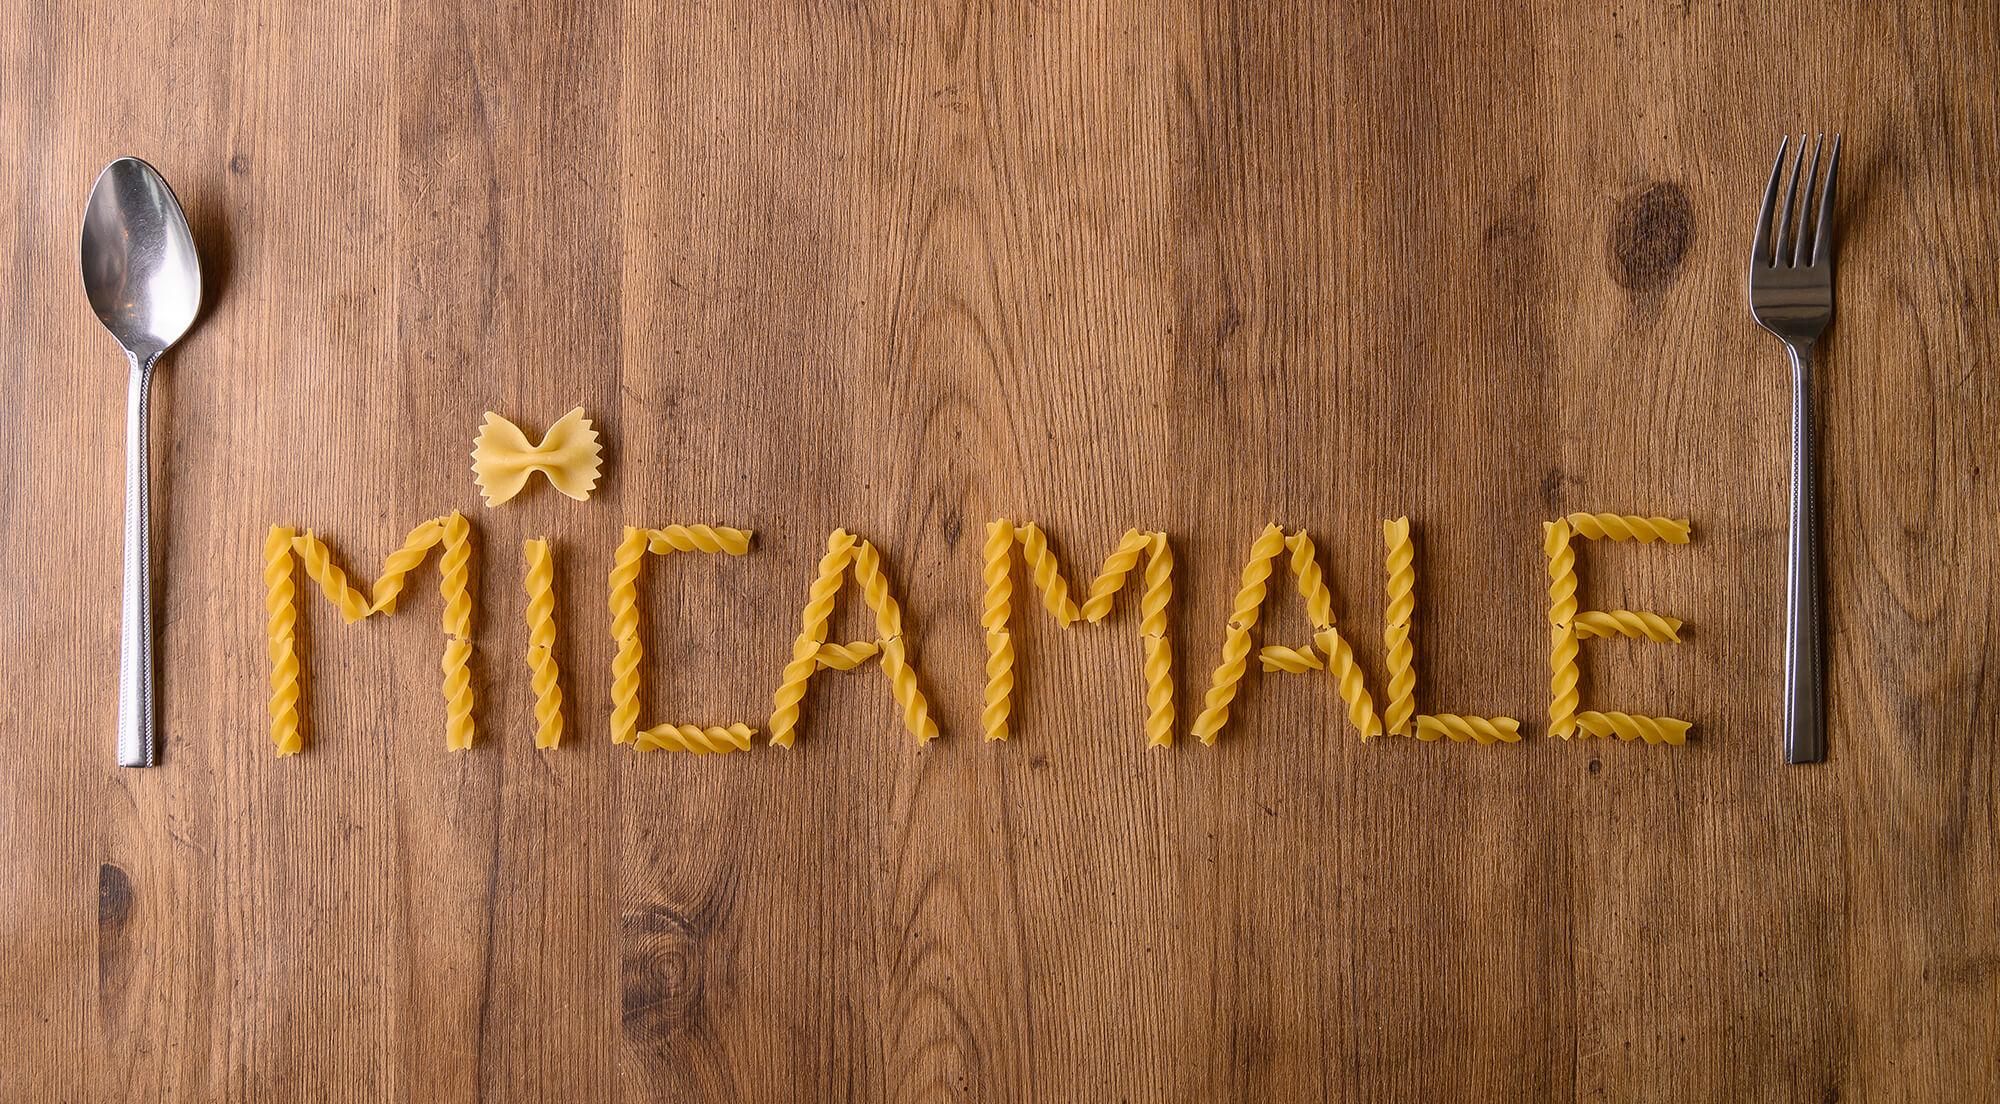 パスタを並べて作れれた英字「MICA MALE」の画像